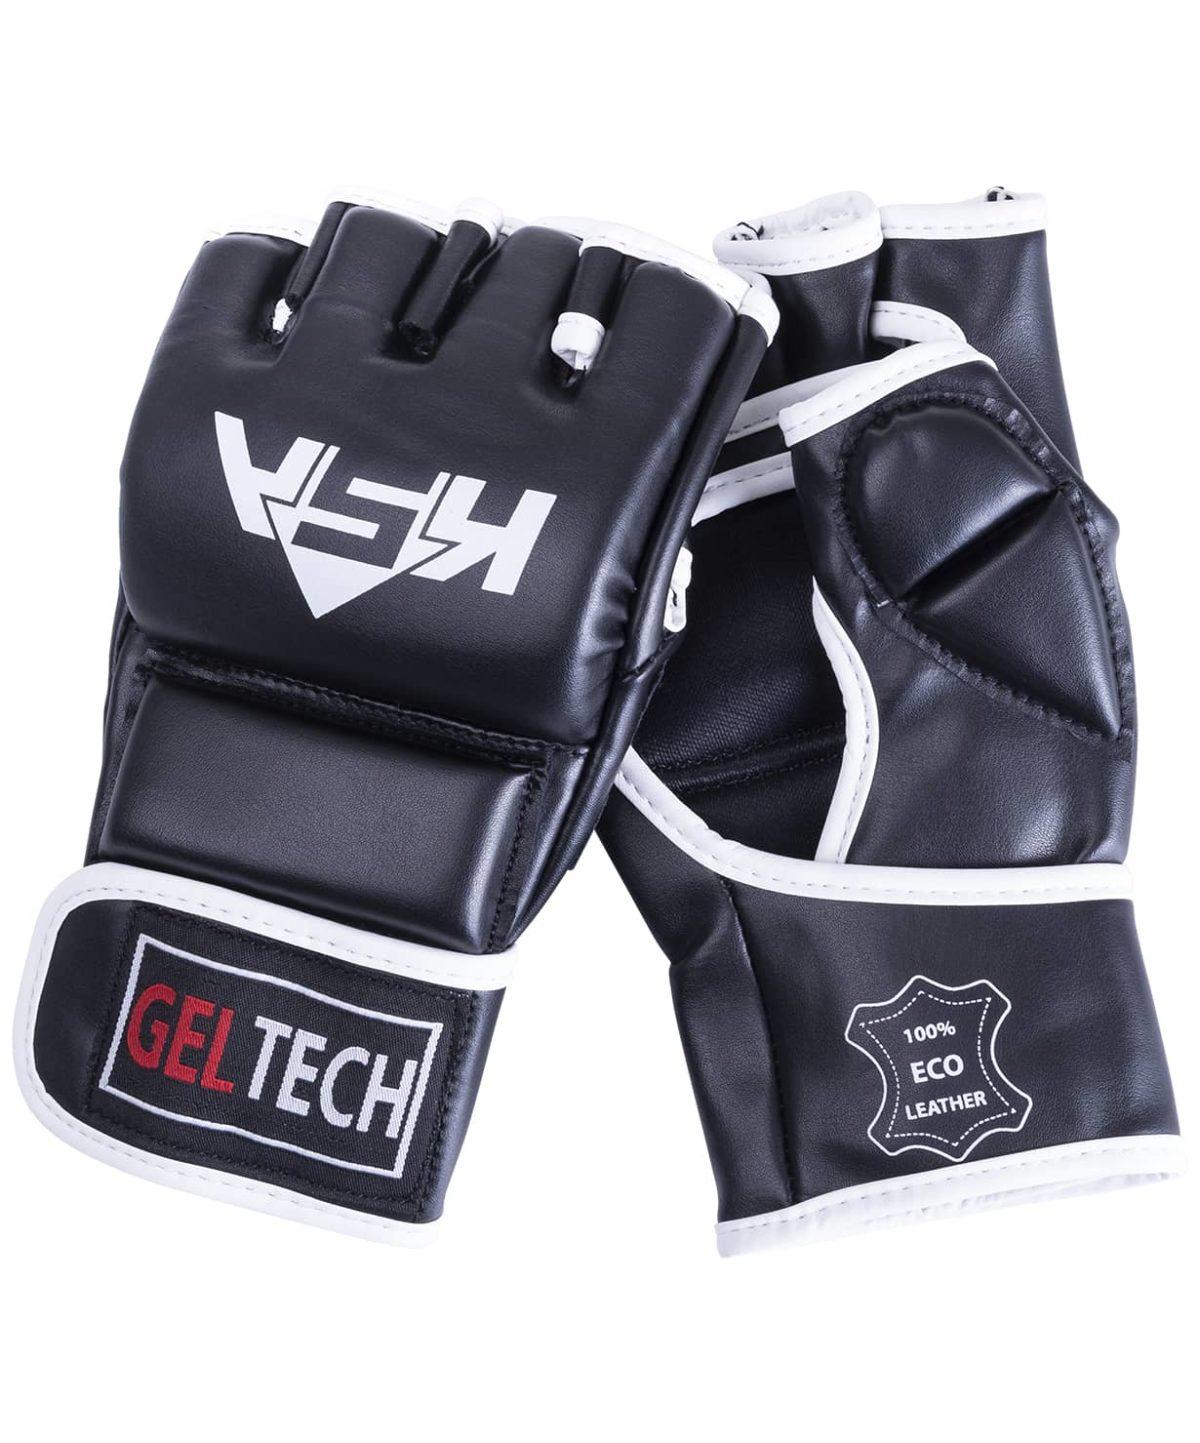 KSA Перчатки для ММА Lion Gel Black,  к/з 7881 - 1